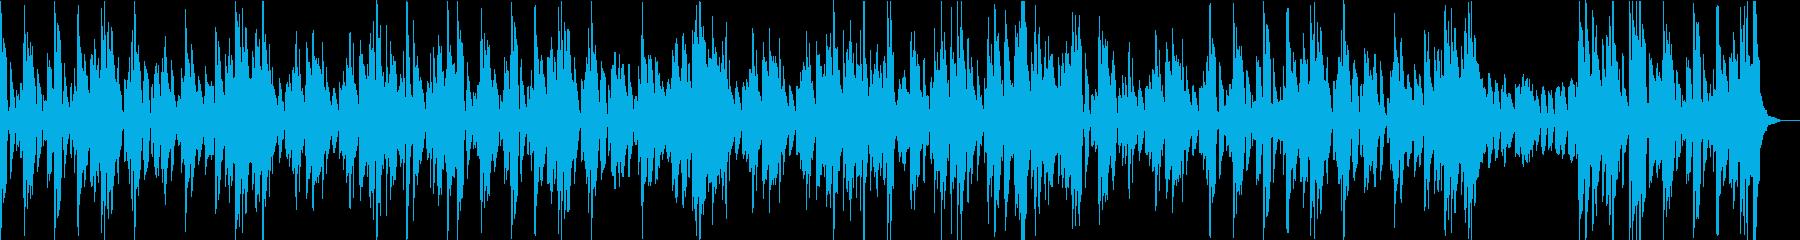 マリンバ、ストリングス、ピアノ、パ...の再生済みの波形